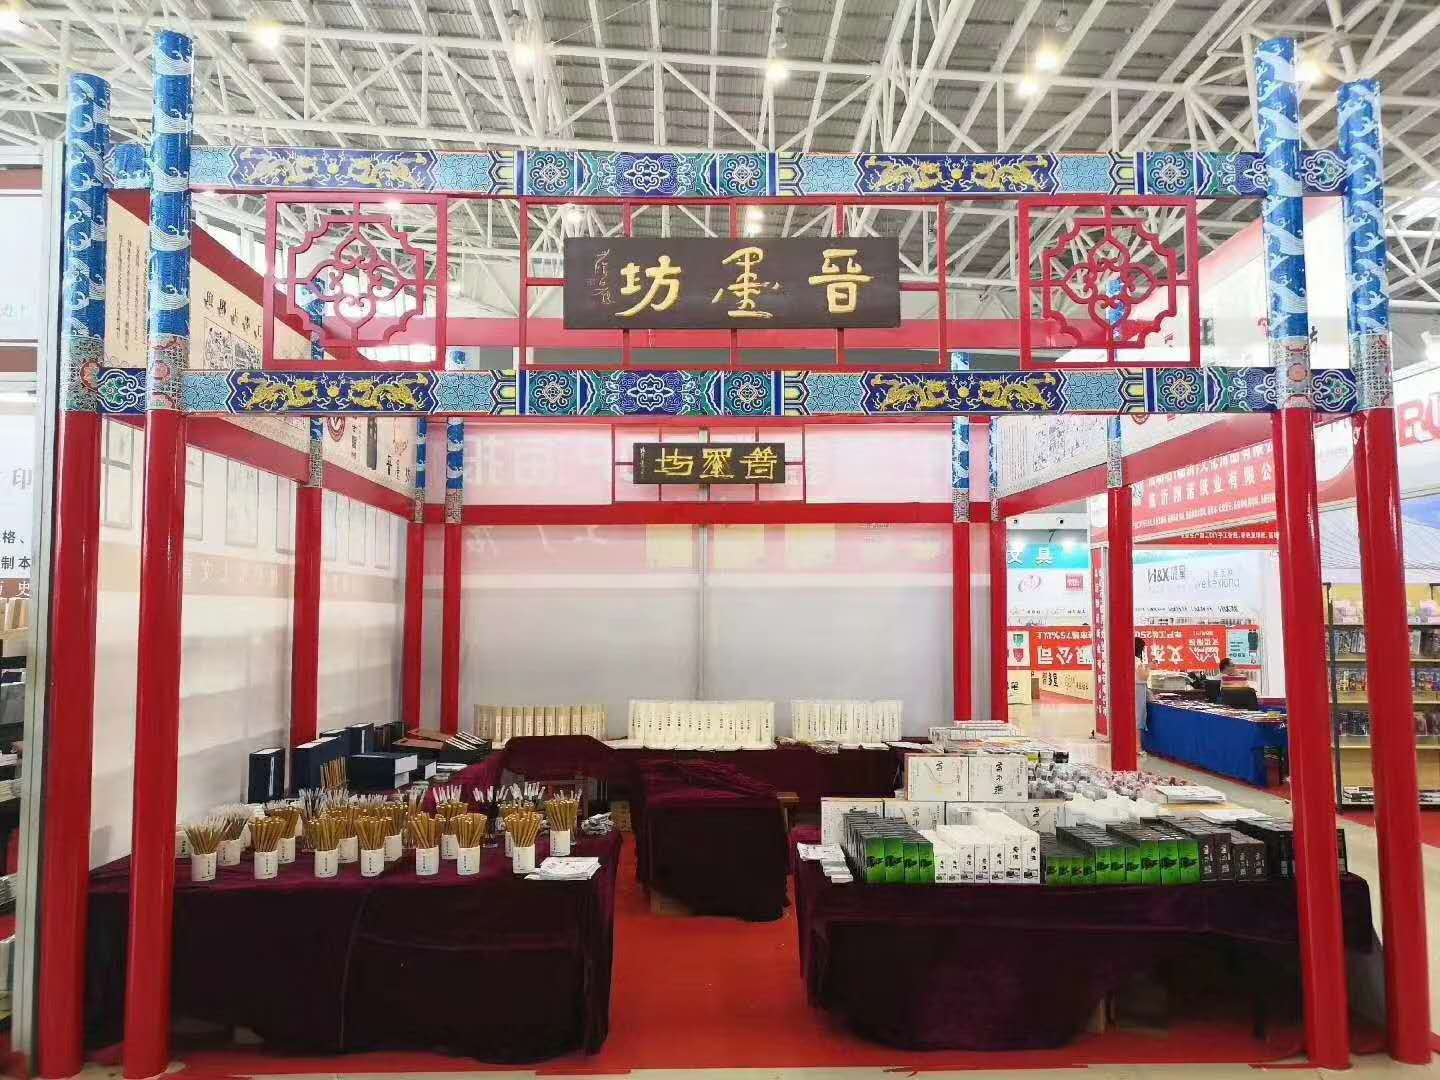 晋墨坊参加第四届临沂文化用品博览会